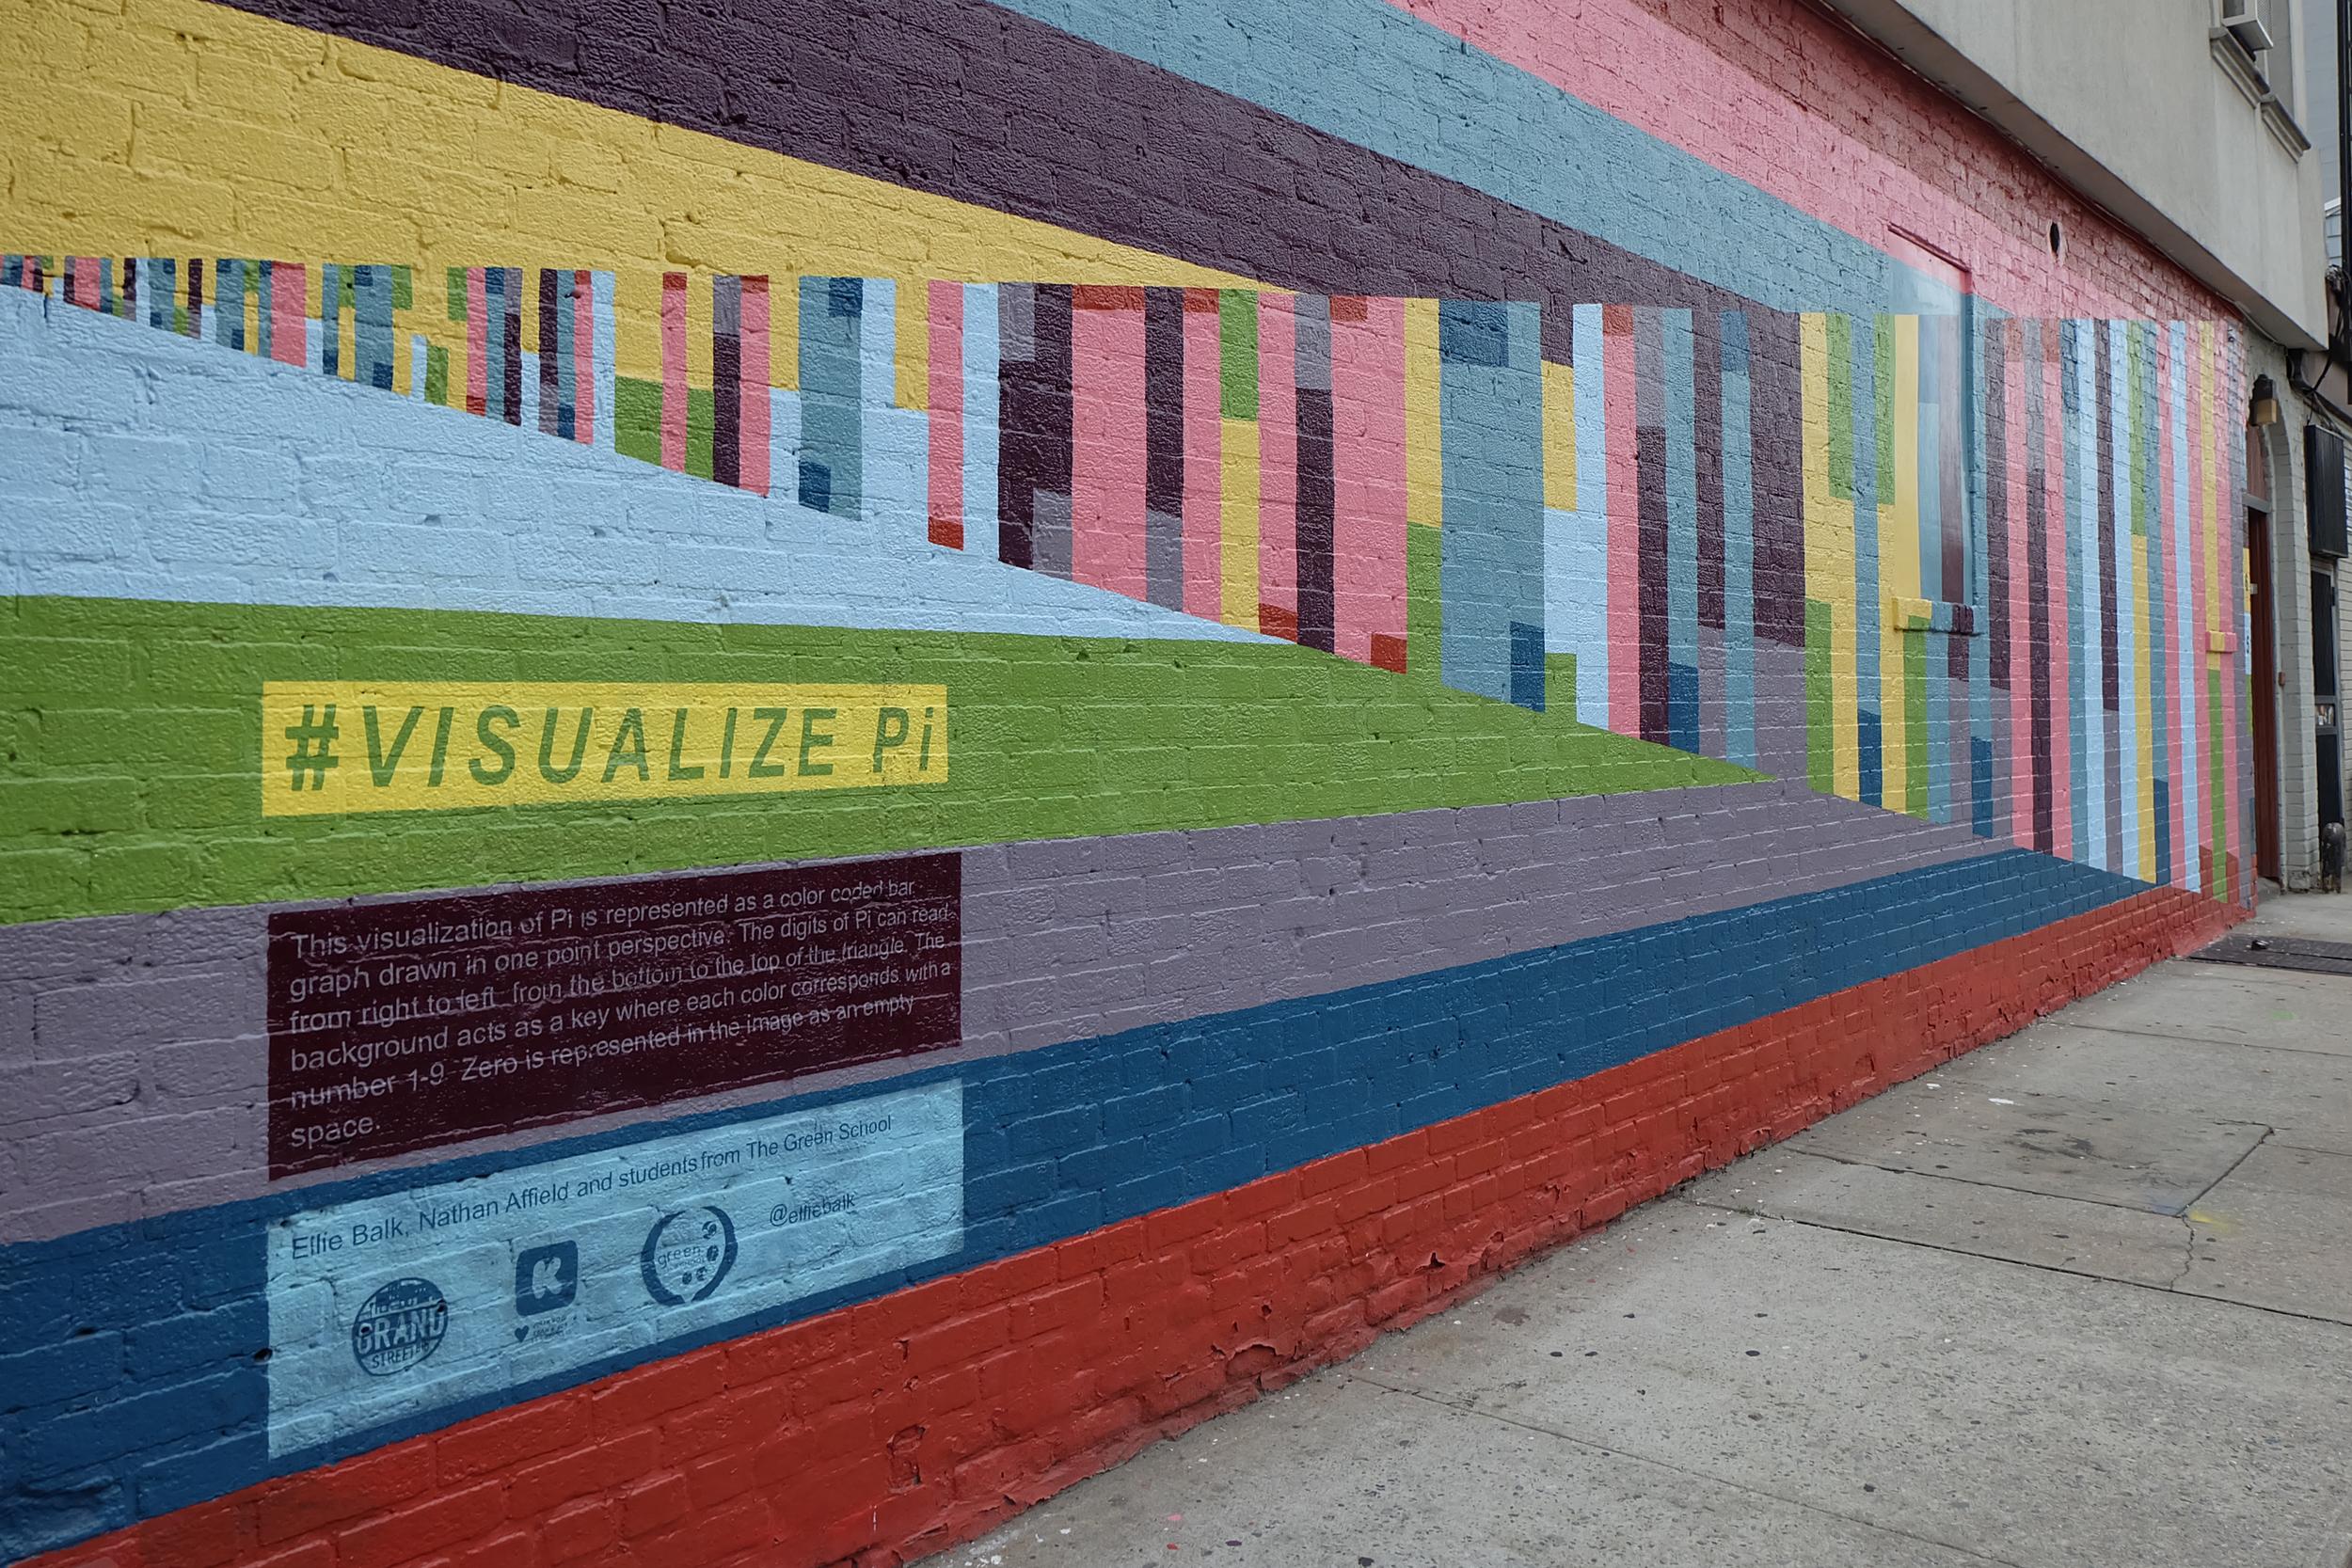 Williamsburg Graffiti Brooklyn Visualize Pi Jen's Bucket List